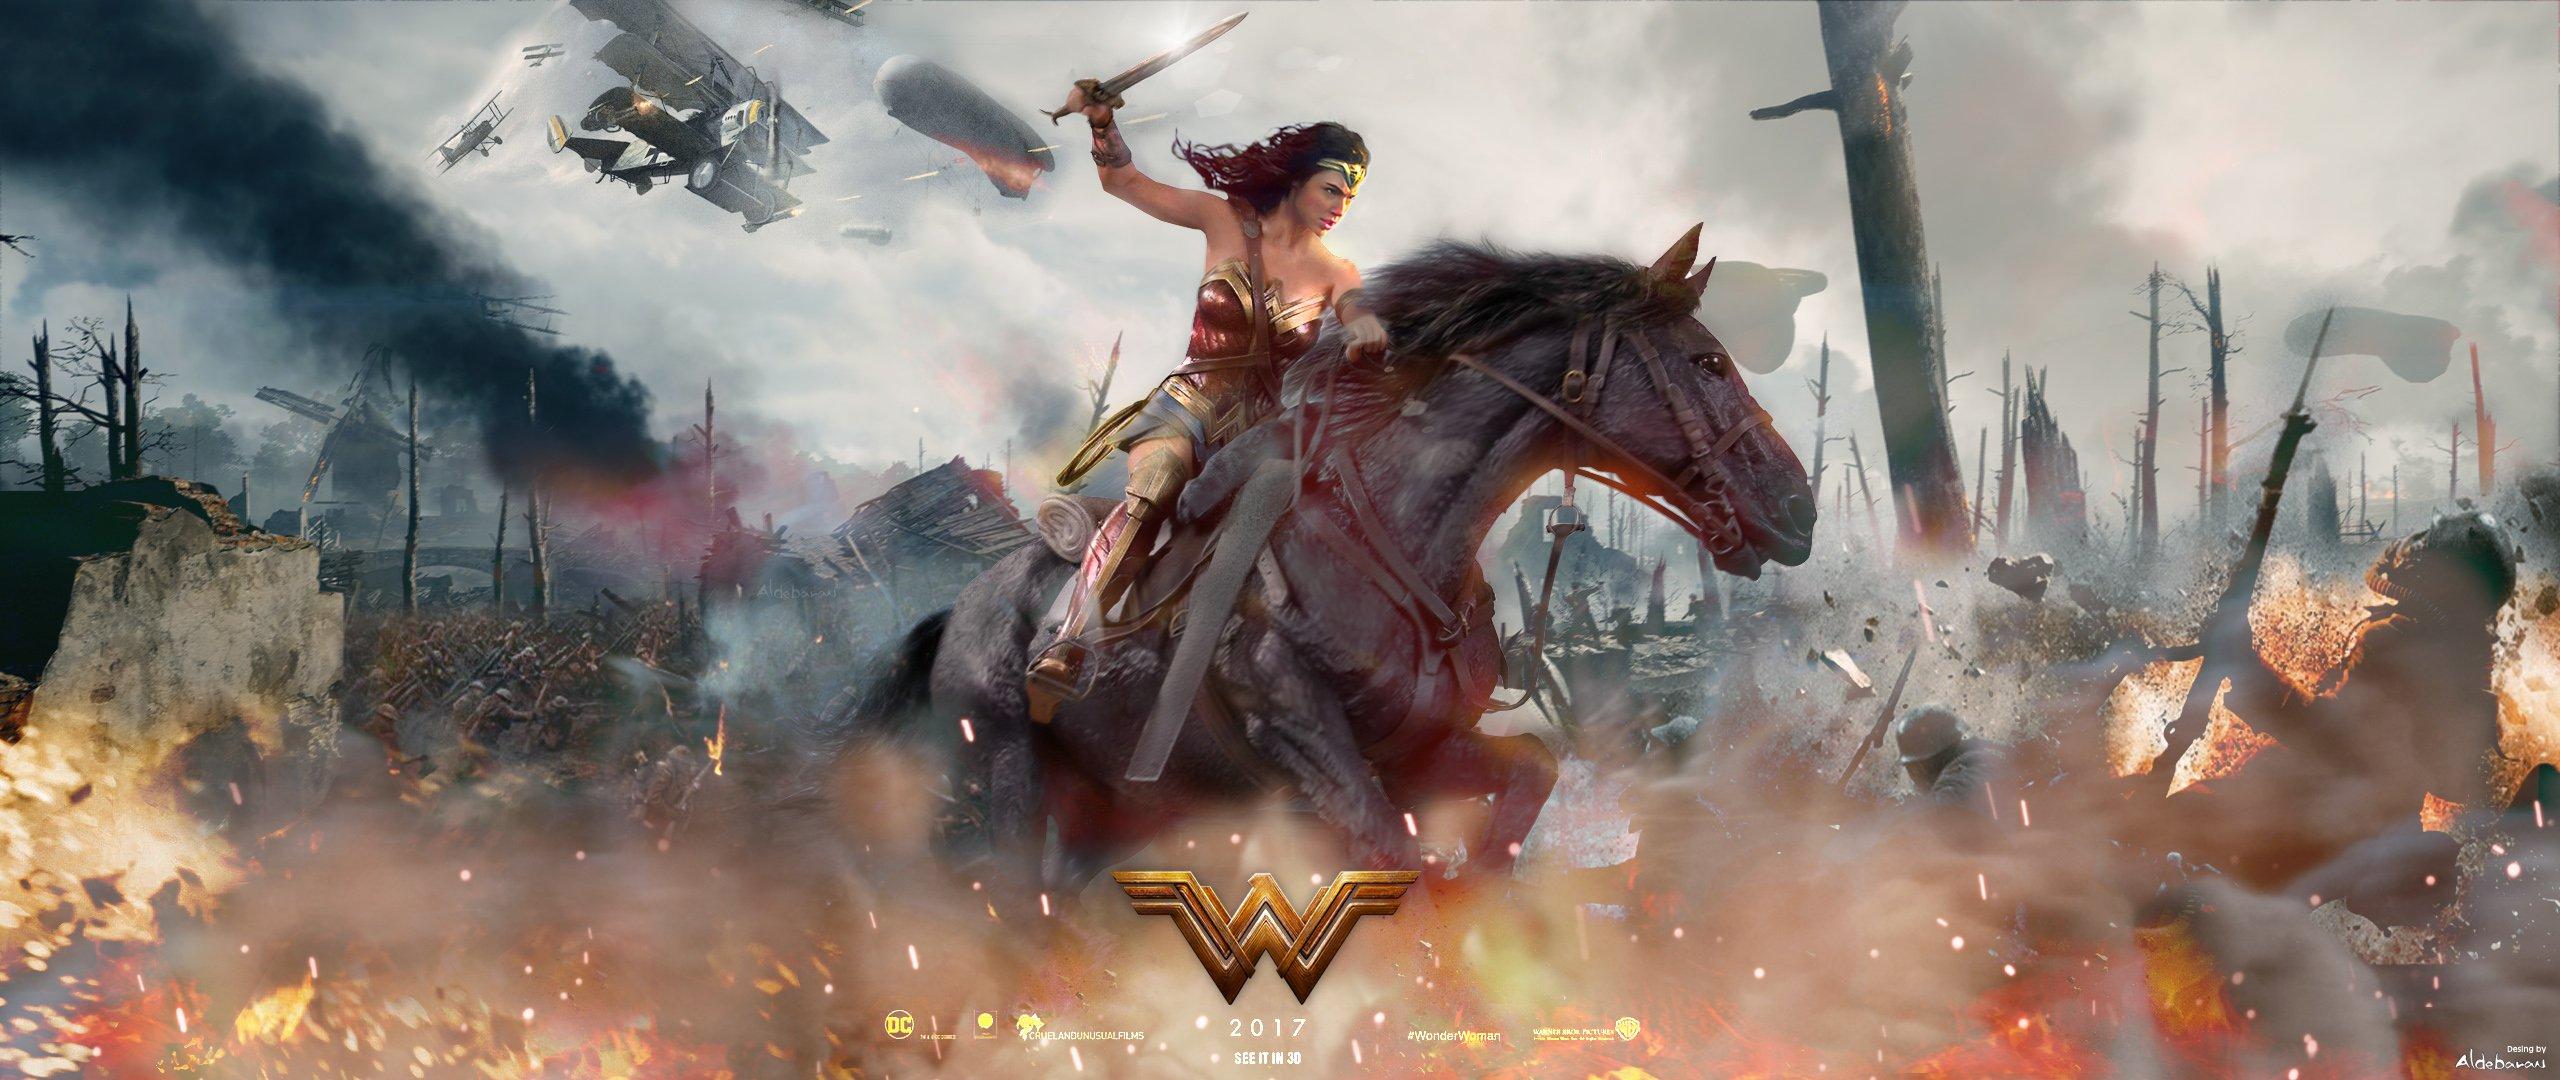 3d Superman Wallpaper Ii Android 720x1280 2017 Wonder Woman Movie Fan Art Moto G X Xperia